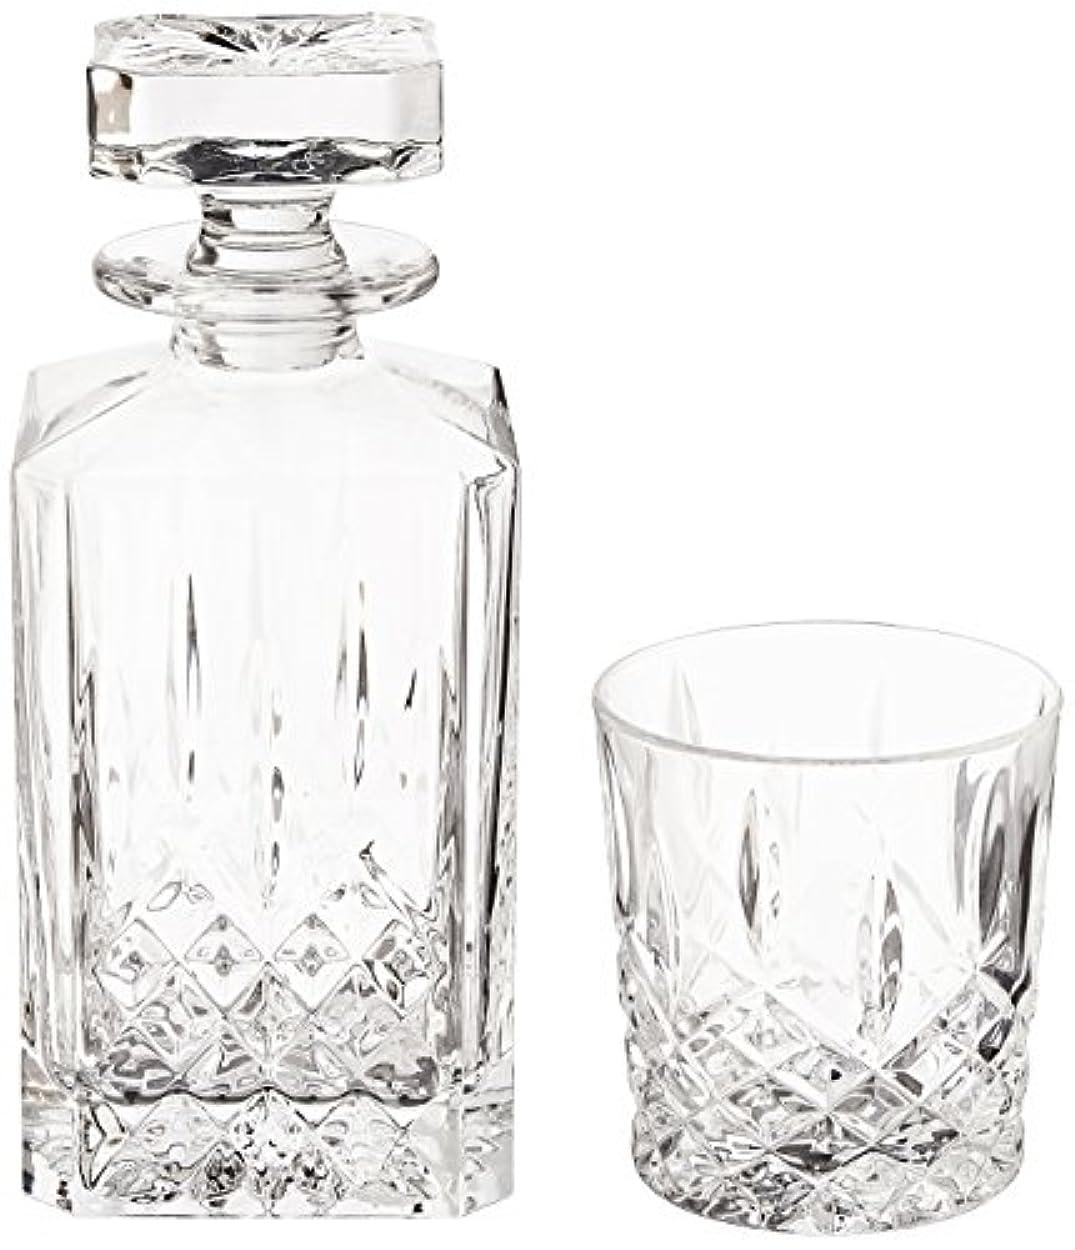 スタンド人生を作る変わる(Decanter Set) - Marquis by Waterford Markham 330ml Double Old Fashioned Glasses Pair and Square Decanter Set, Unleaded Crystal